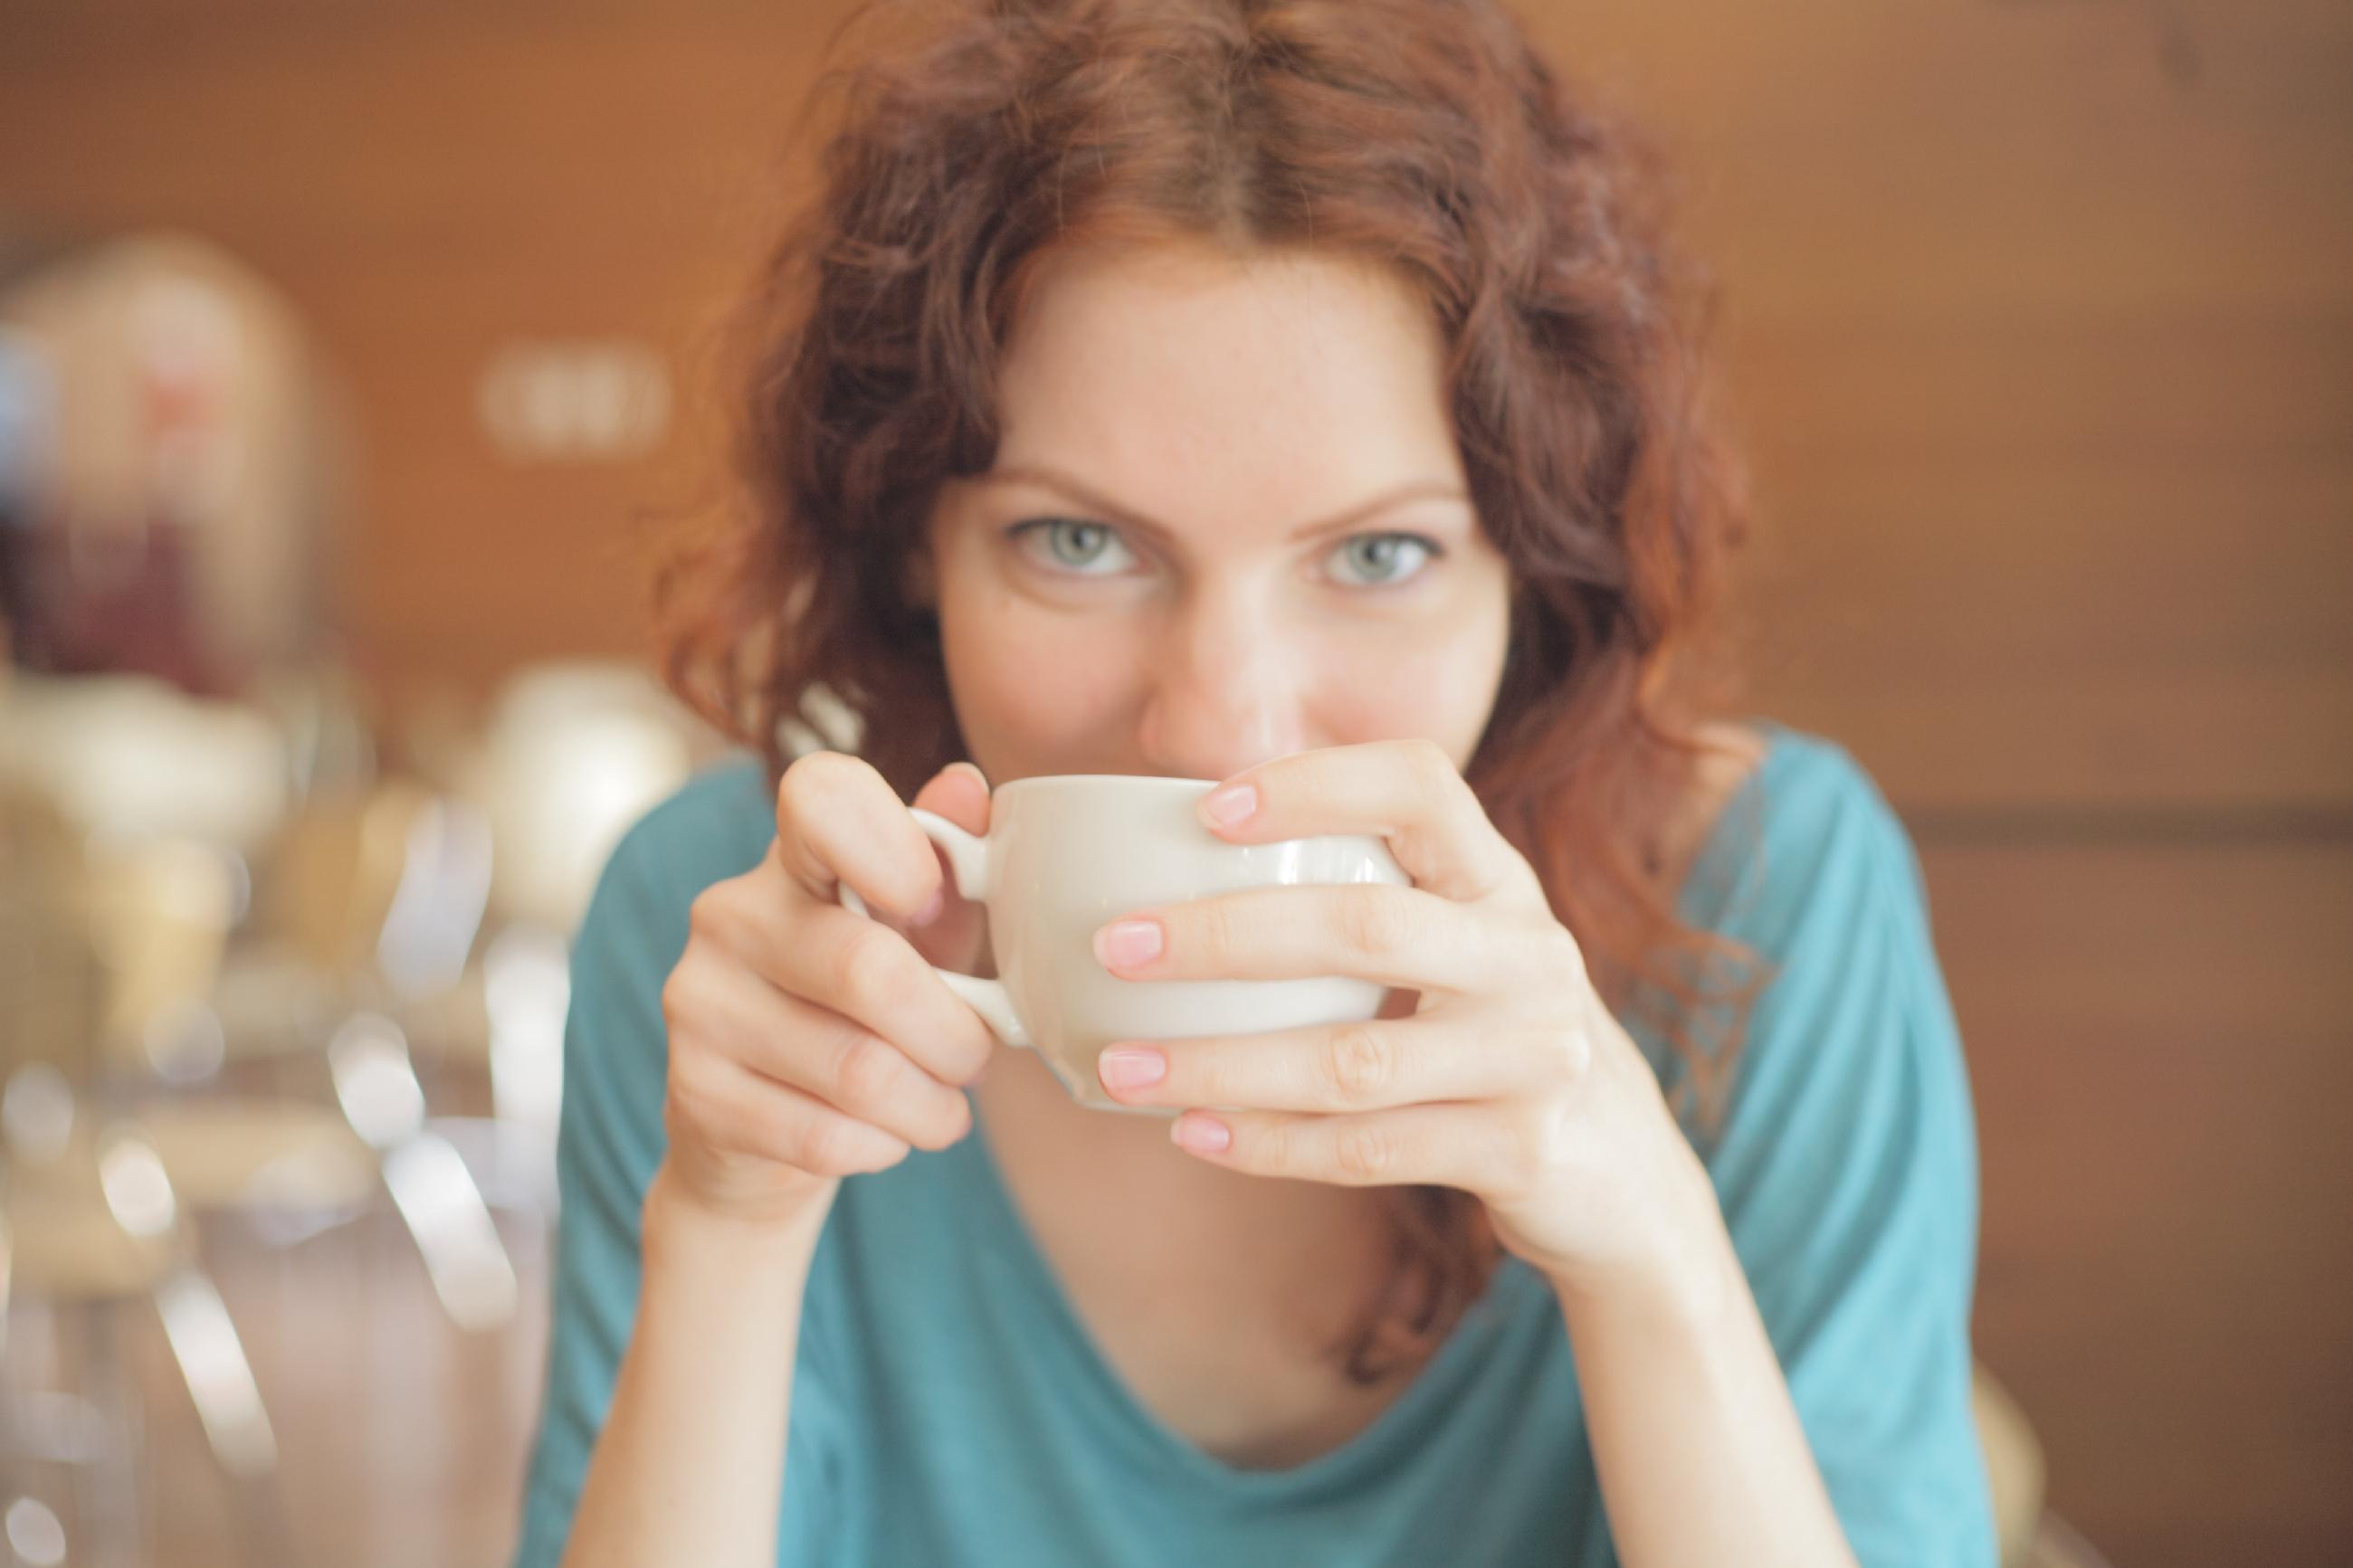 Det sägs att vissa inte bryr sig om kärlek eller sex, bara de får sitt kaffe.